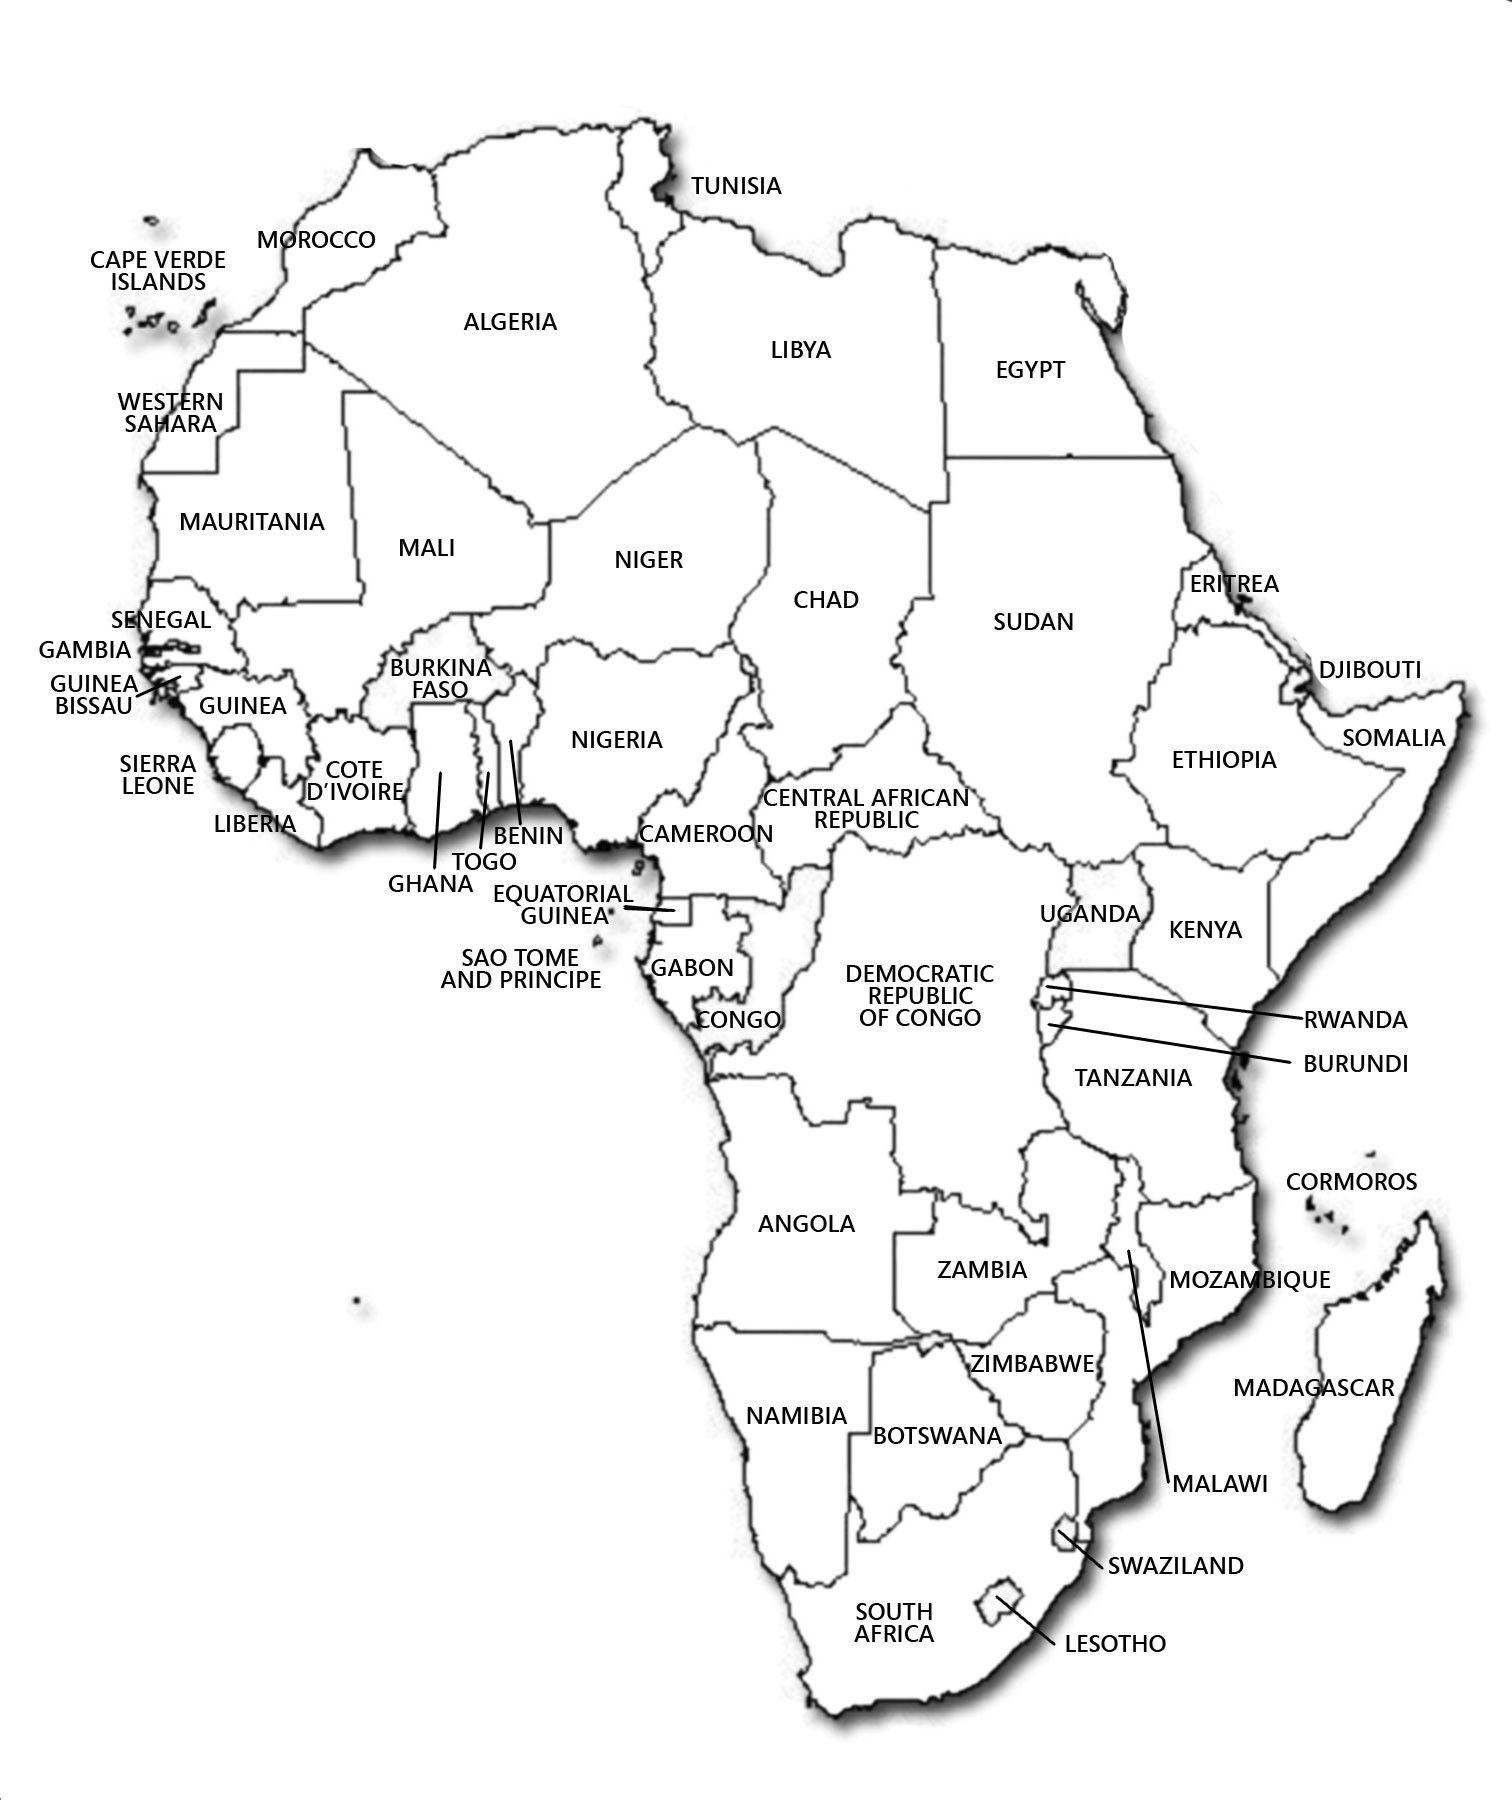 Printable worksheets for kids World Maps 20 – Africa Worksheets